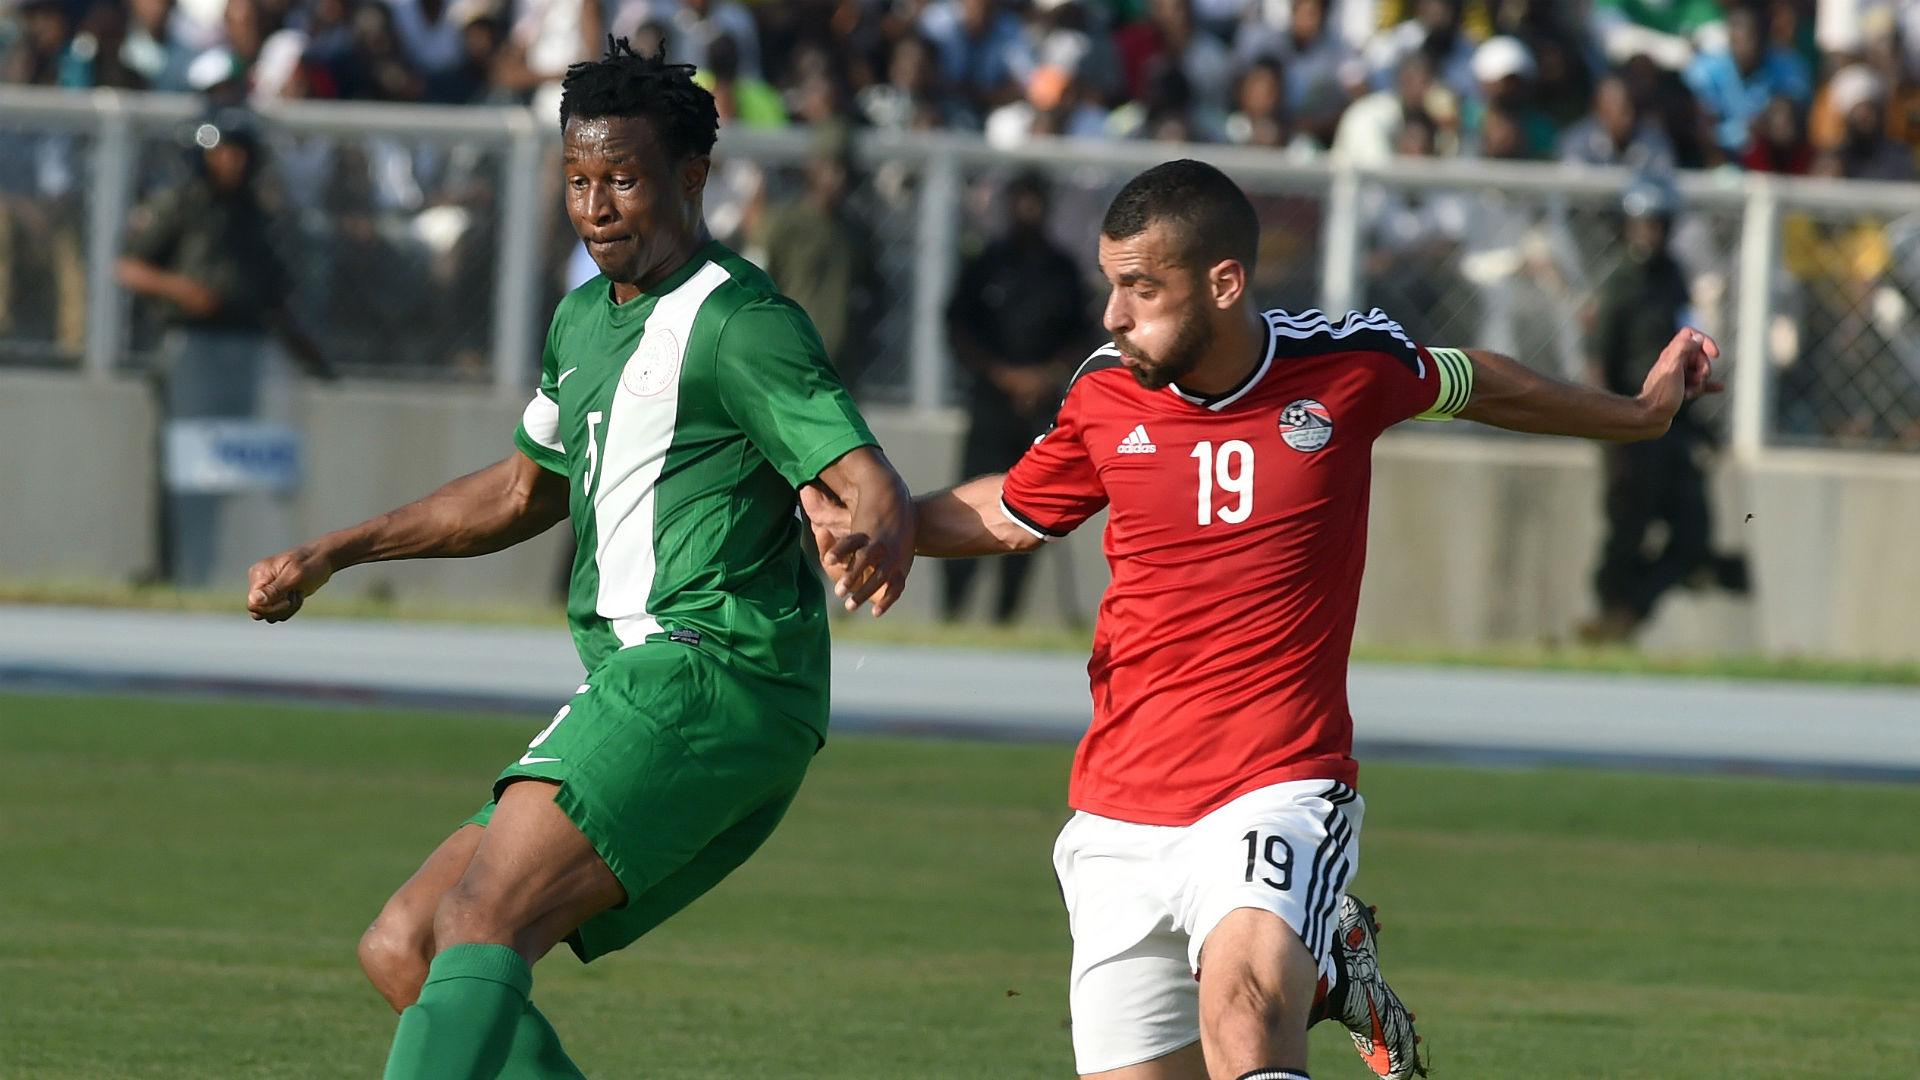 Mesir di Nigeria Preview: Super Eagles menghadapi kualifikasi penting